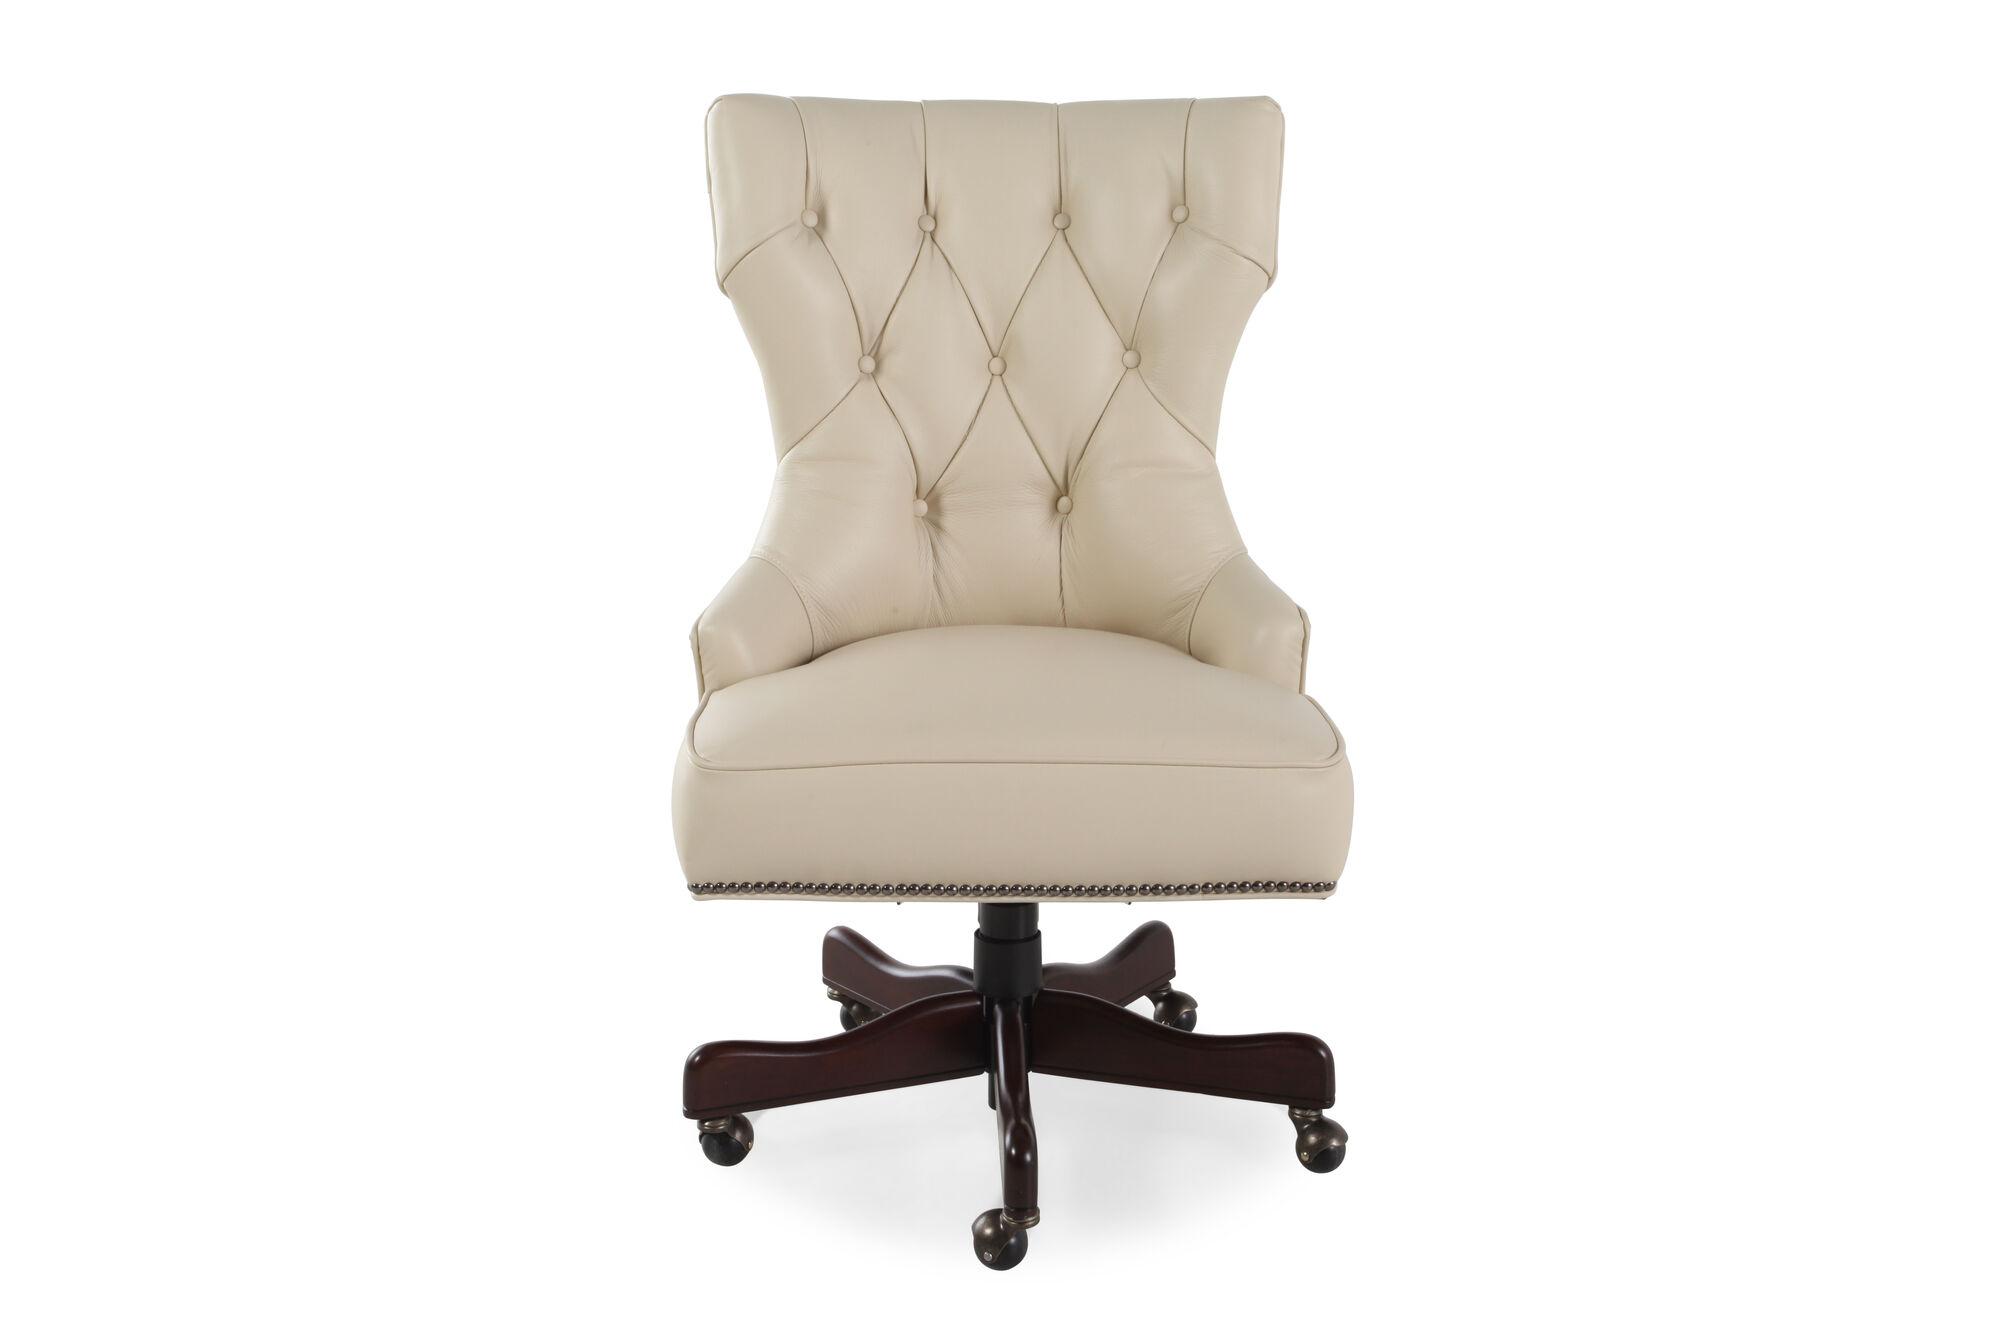 Leather On Tufted Swivel Tilt Desk Chair Nbsp